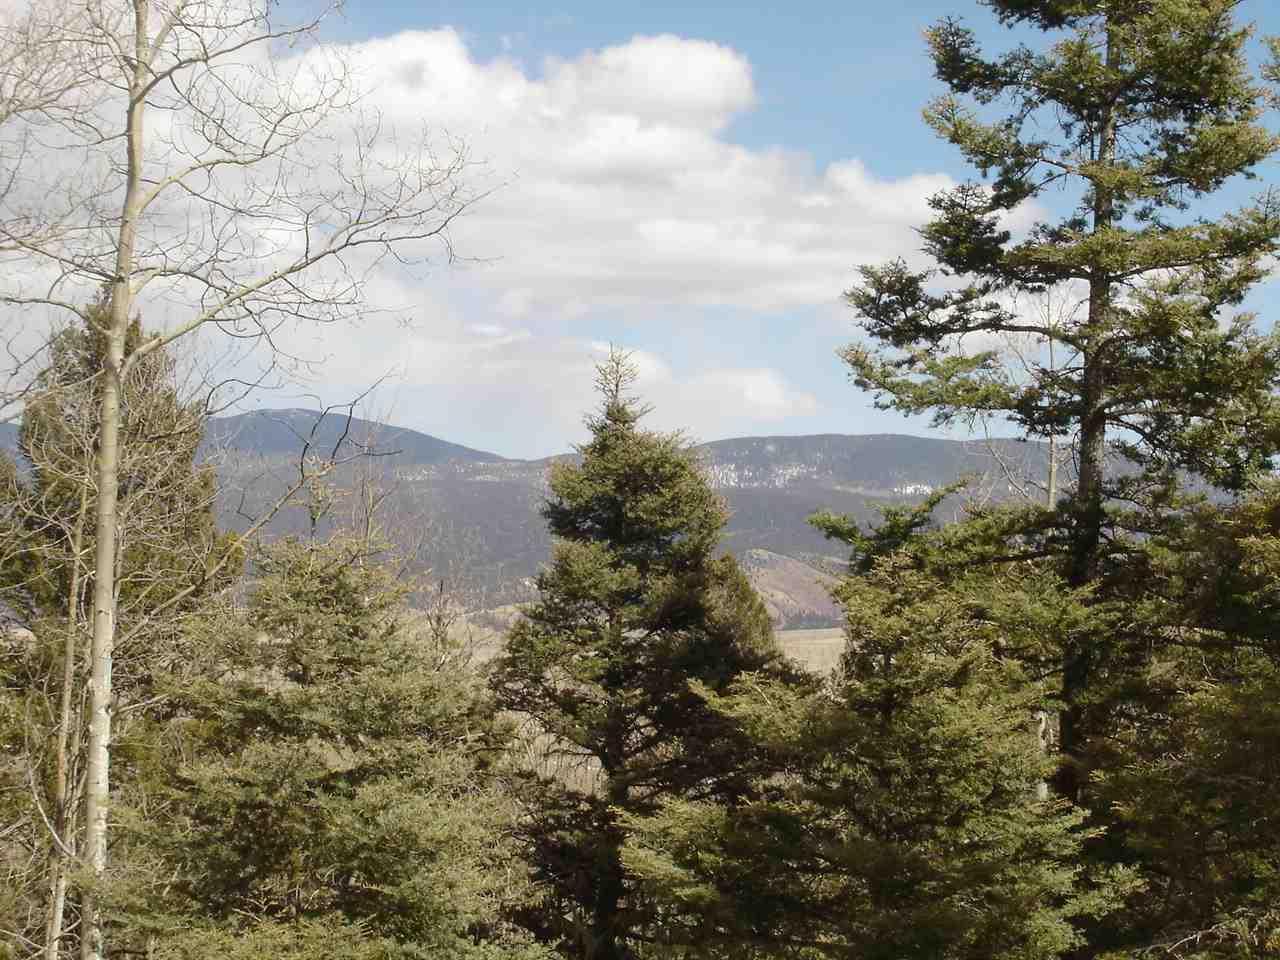 Lot 19 Taos Pines Ranch Subdivision - Photo 1